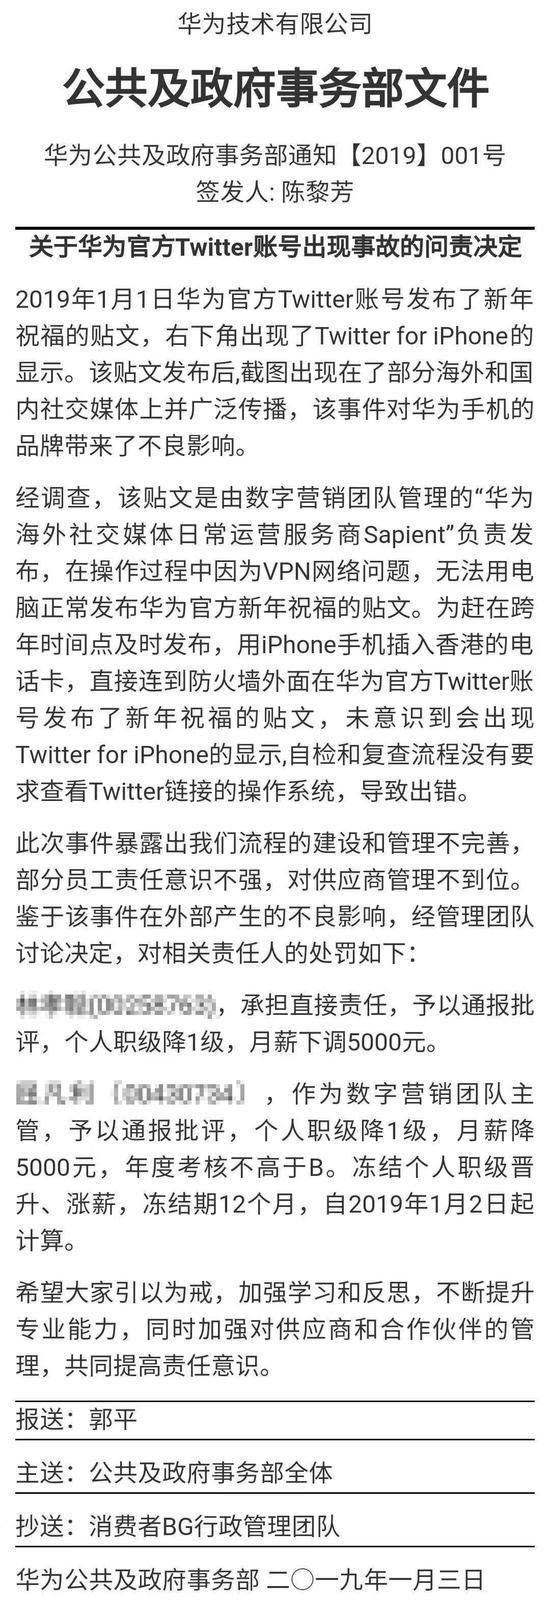 华为iPhone发推文事件处罚内幕曝光,责任人降薪五千元